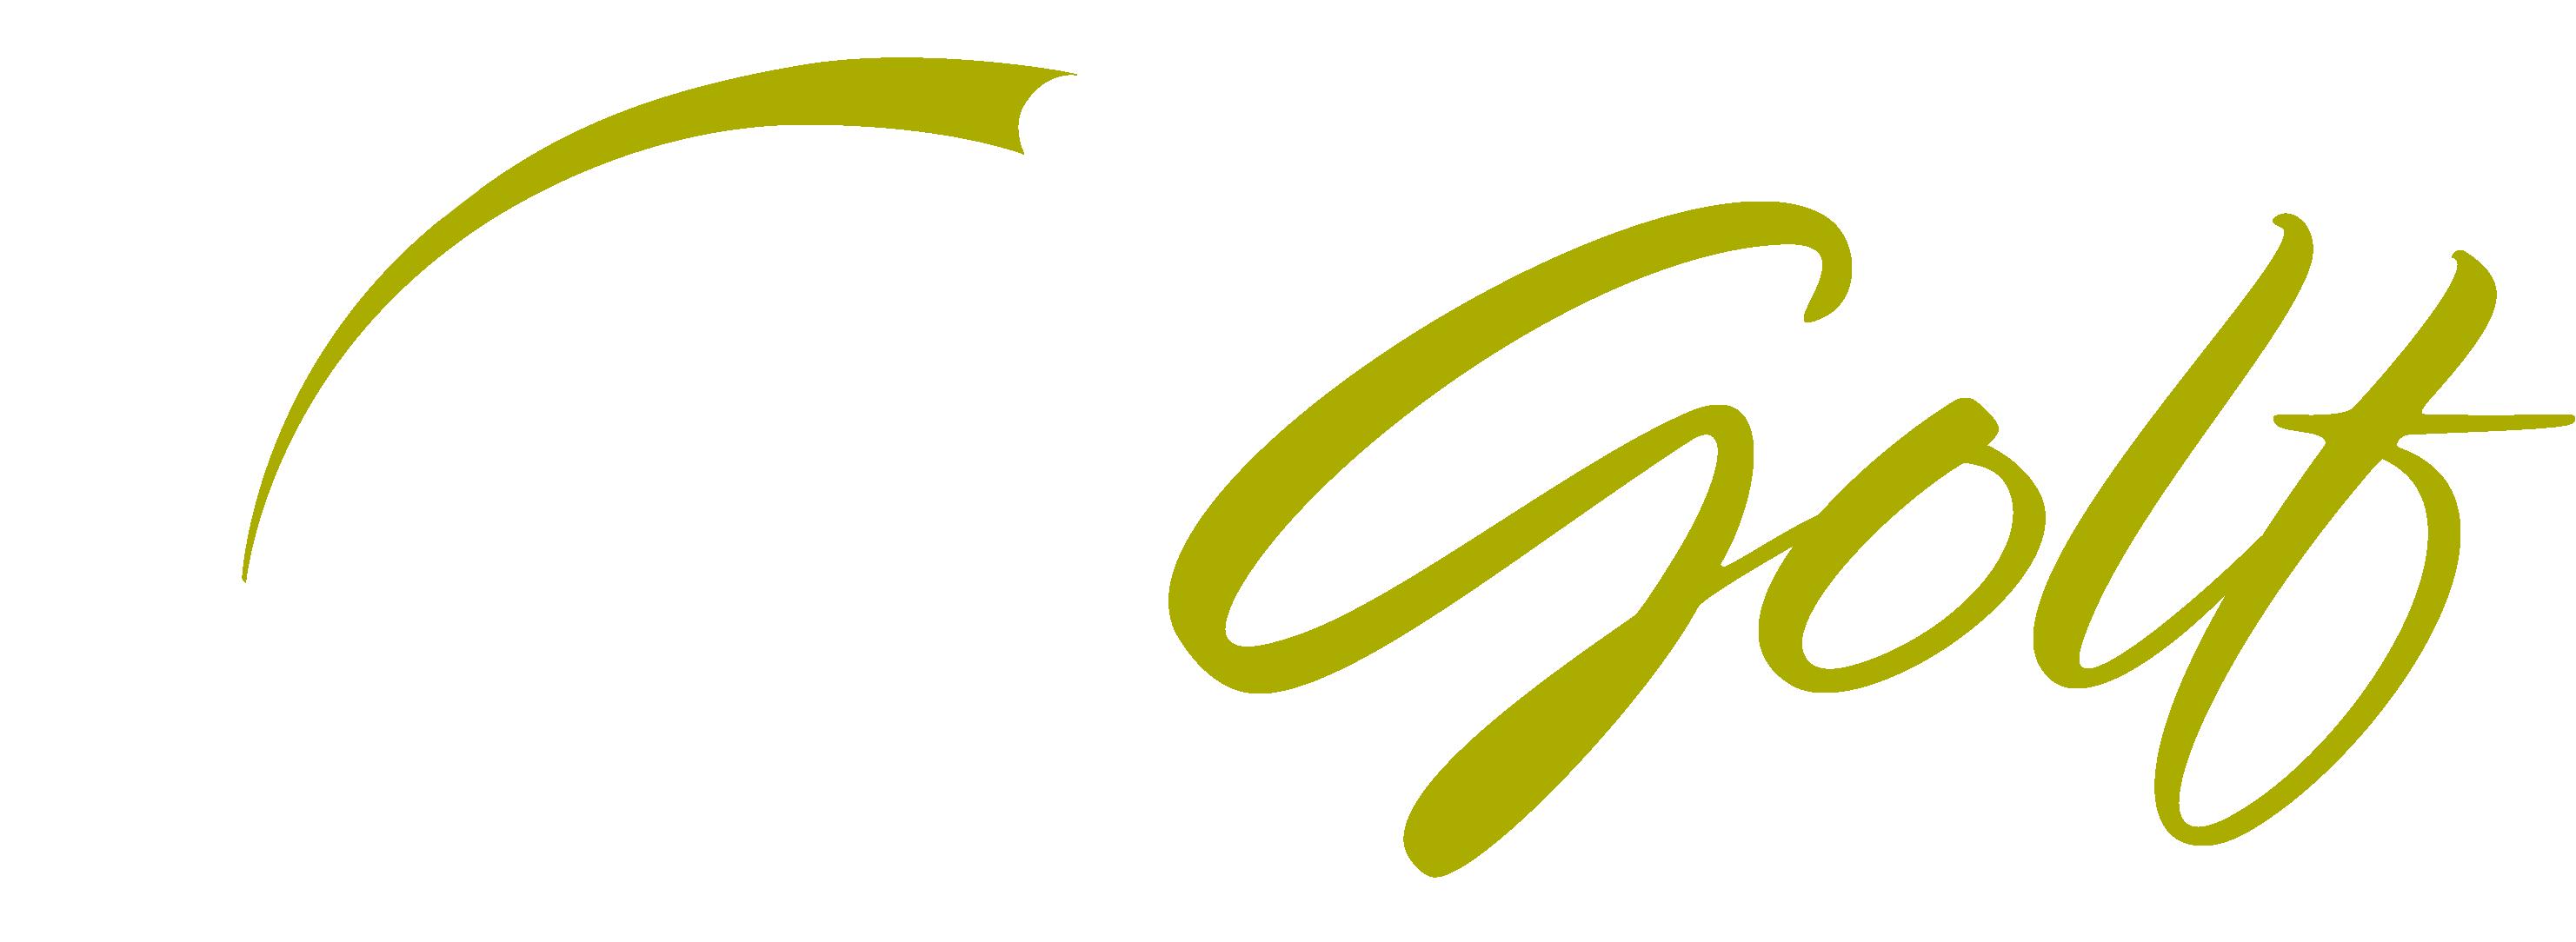 Oki Golf logo